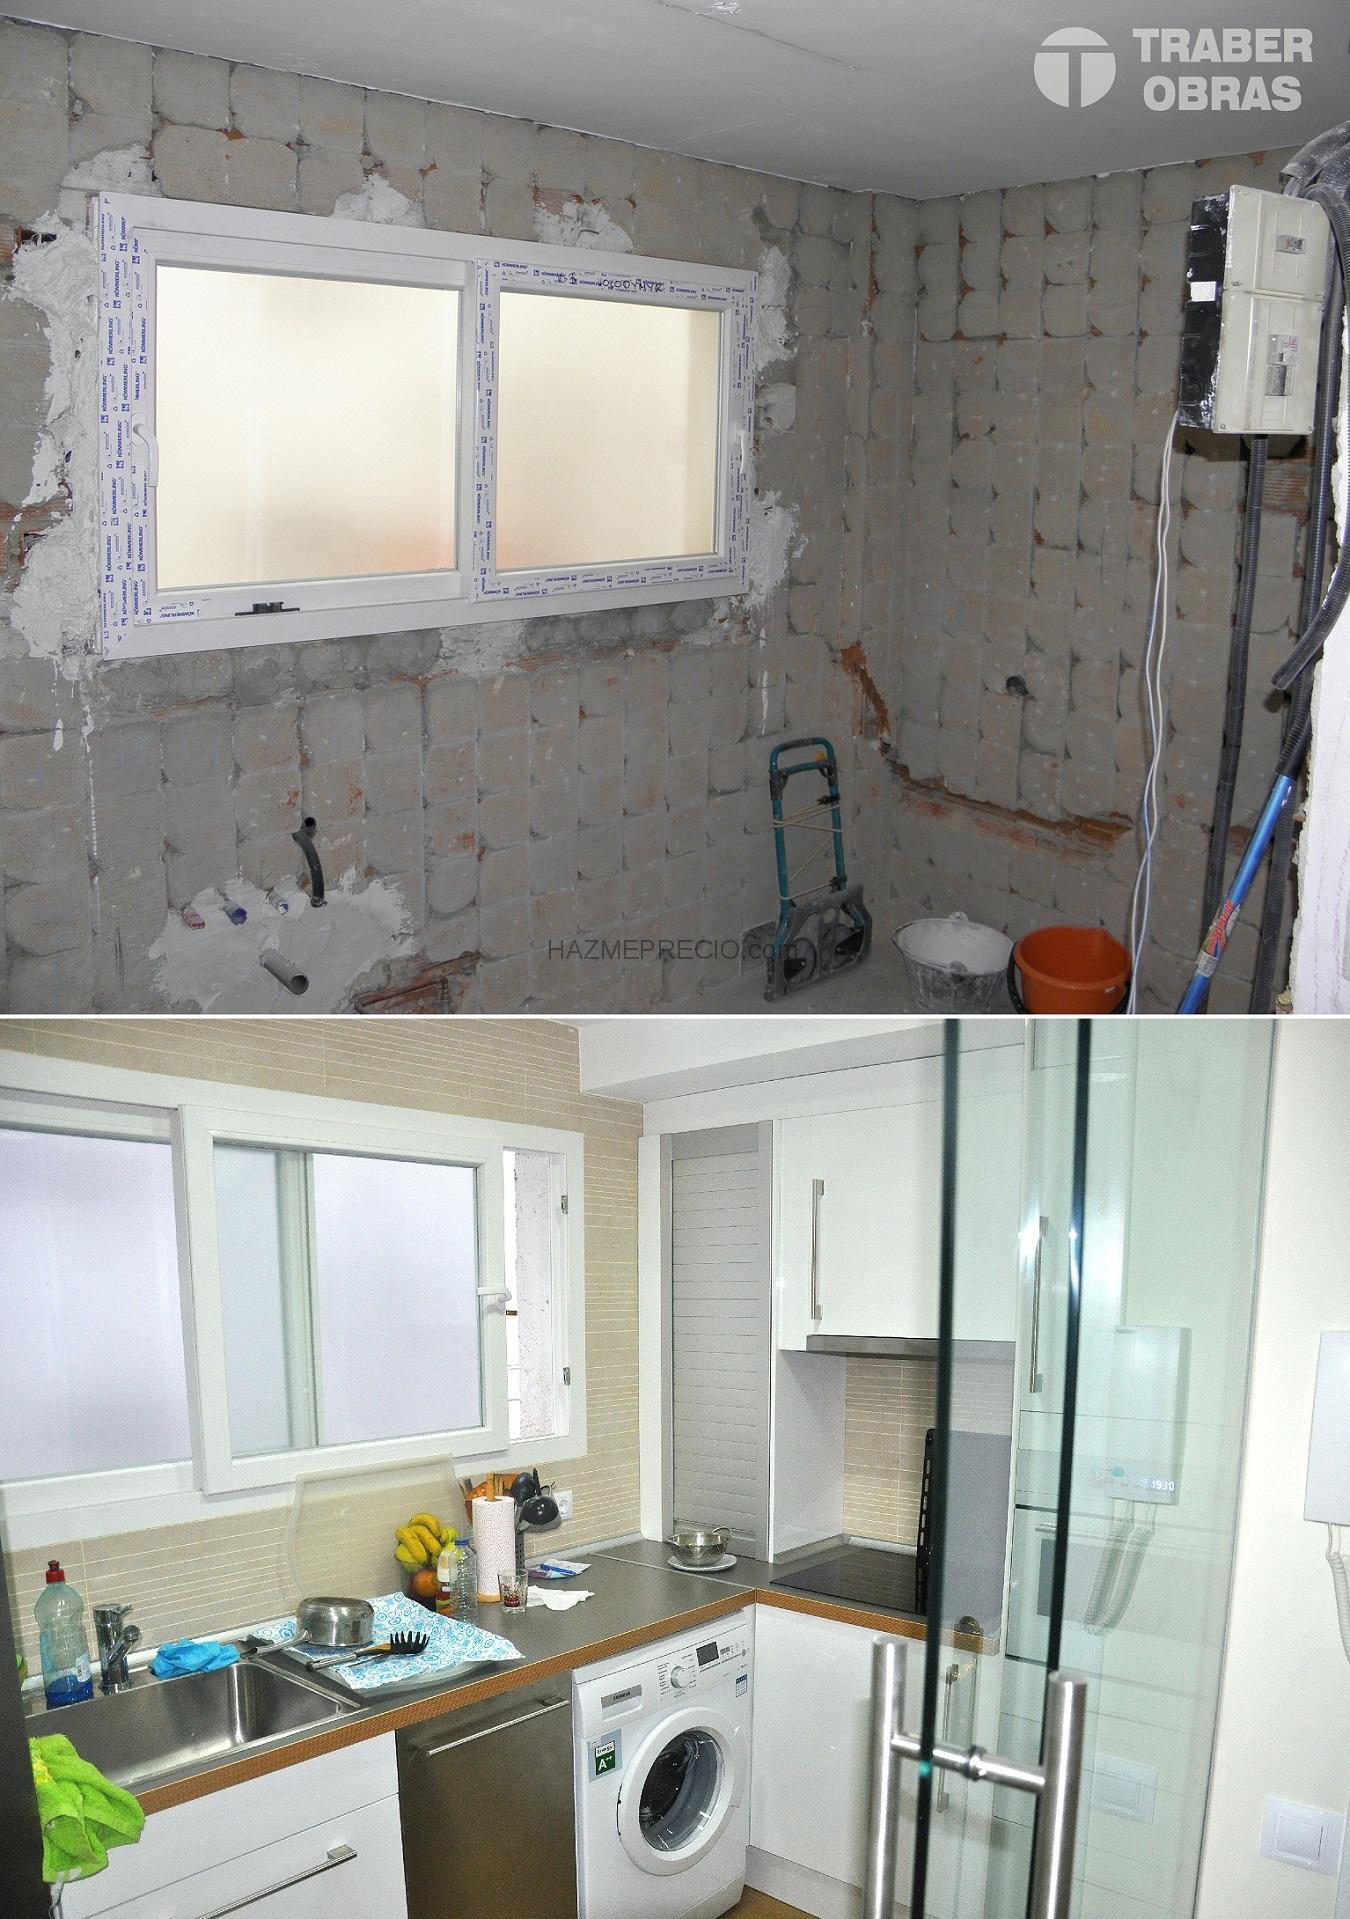 Reforma integral de vivienda situada en madrid getafe - Reforma cocina sin obra ...